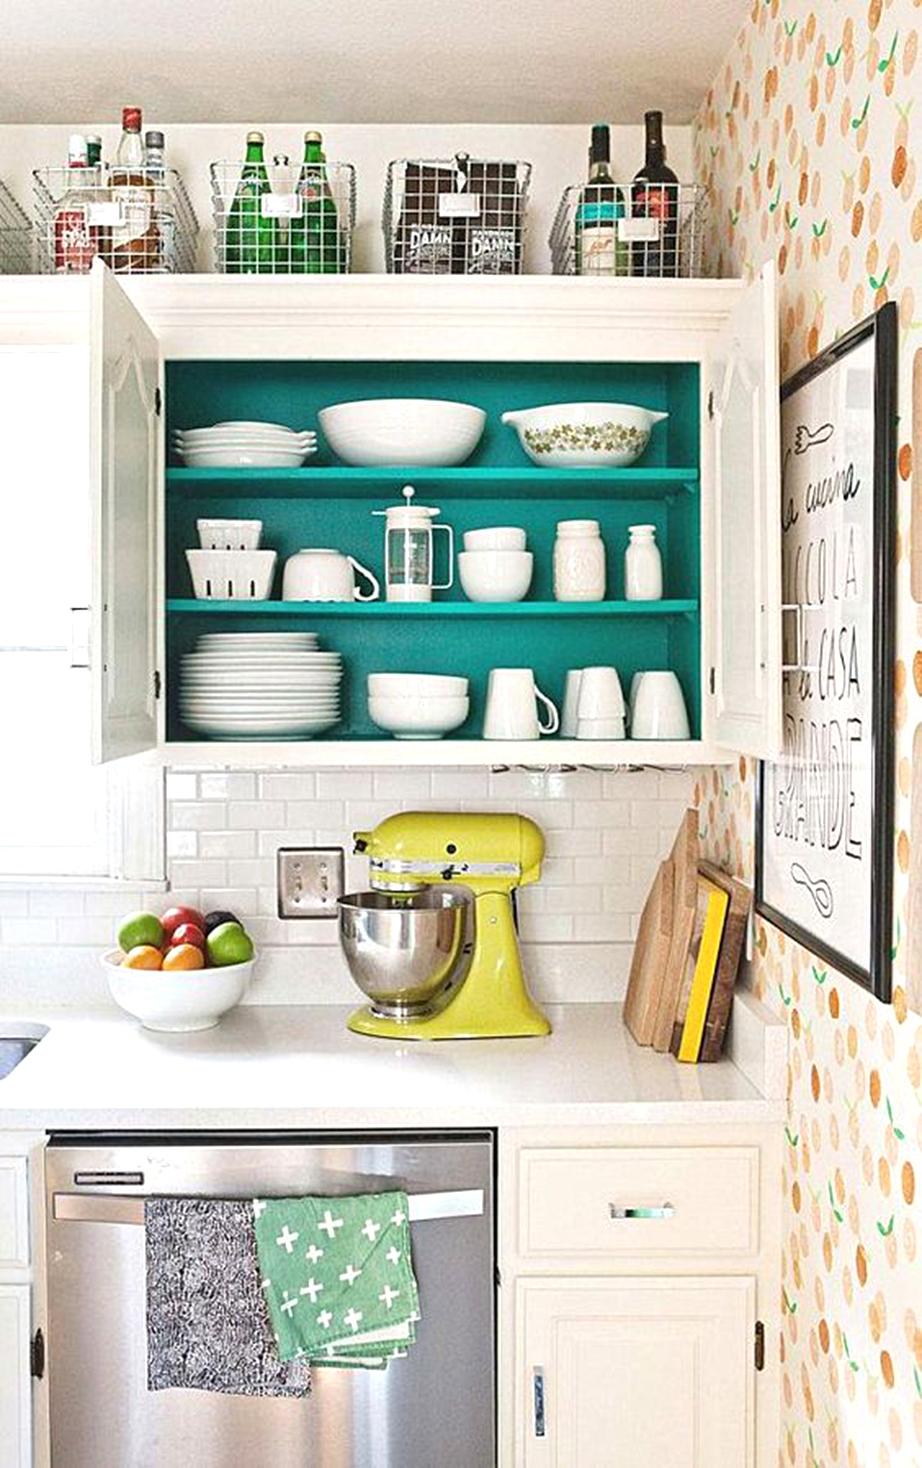 Βάψτε το εσωτερικό των ντουλαπιών της κουζίνας.